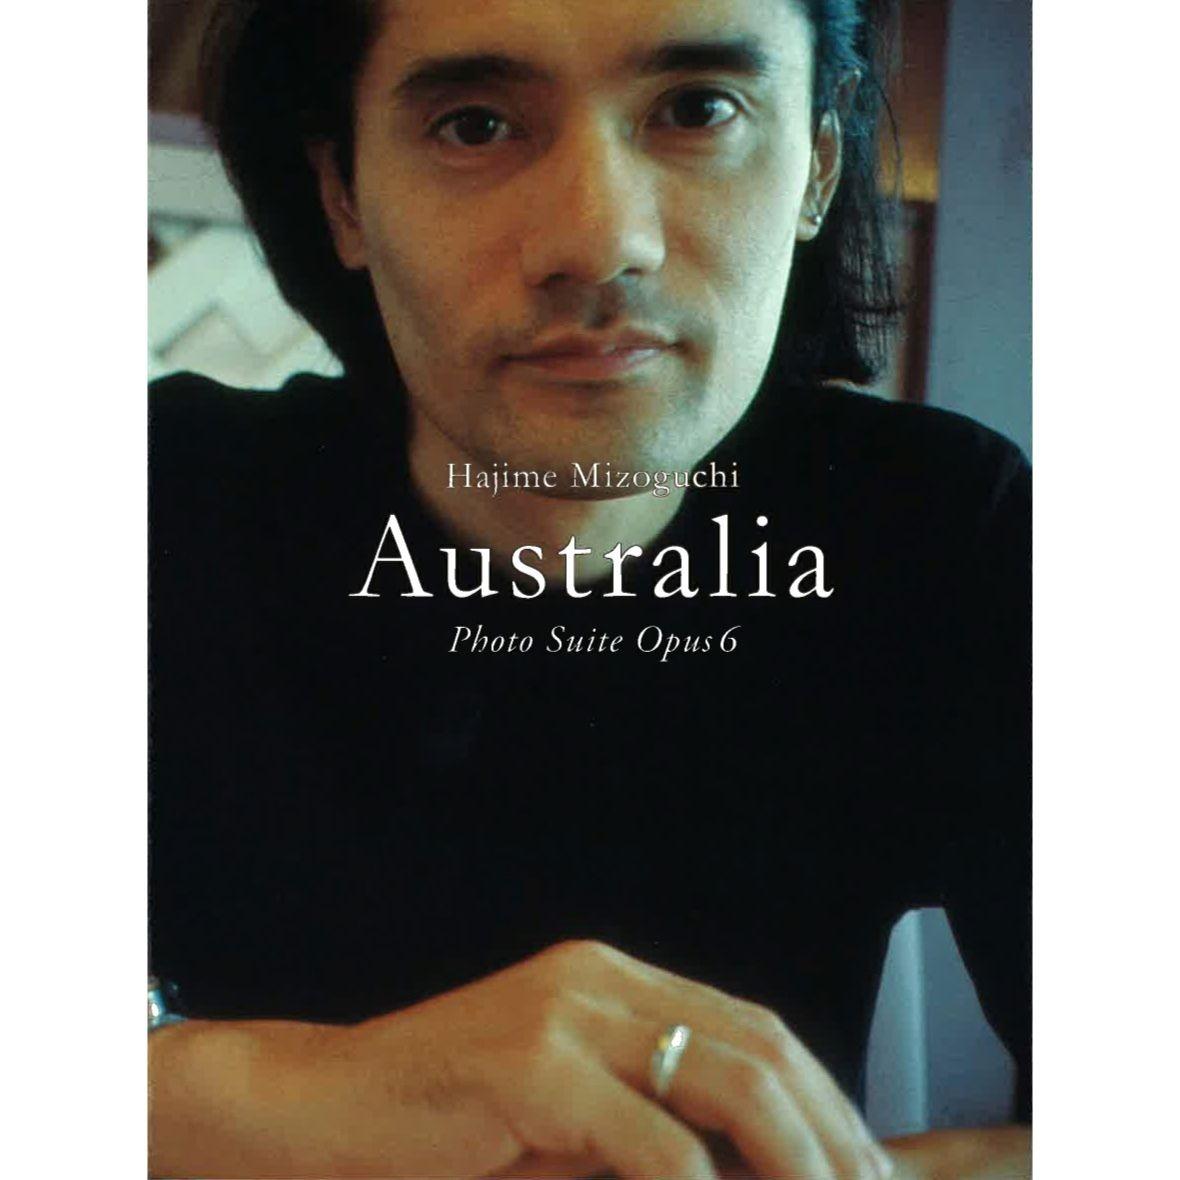 溝口肇 写真集 第6集「オーストラリア」